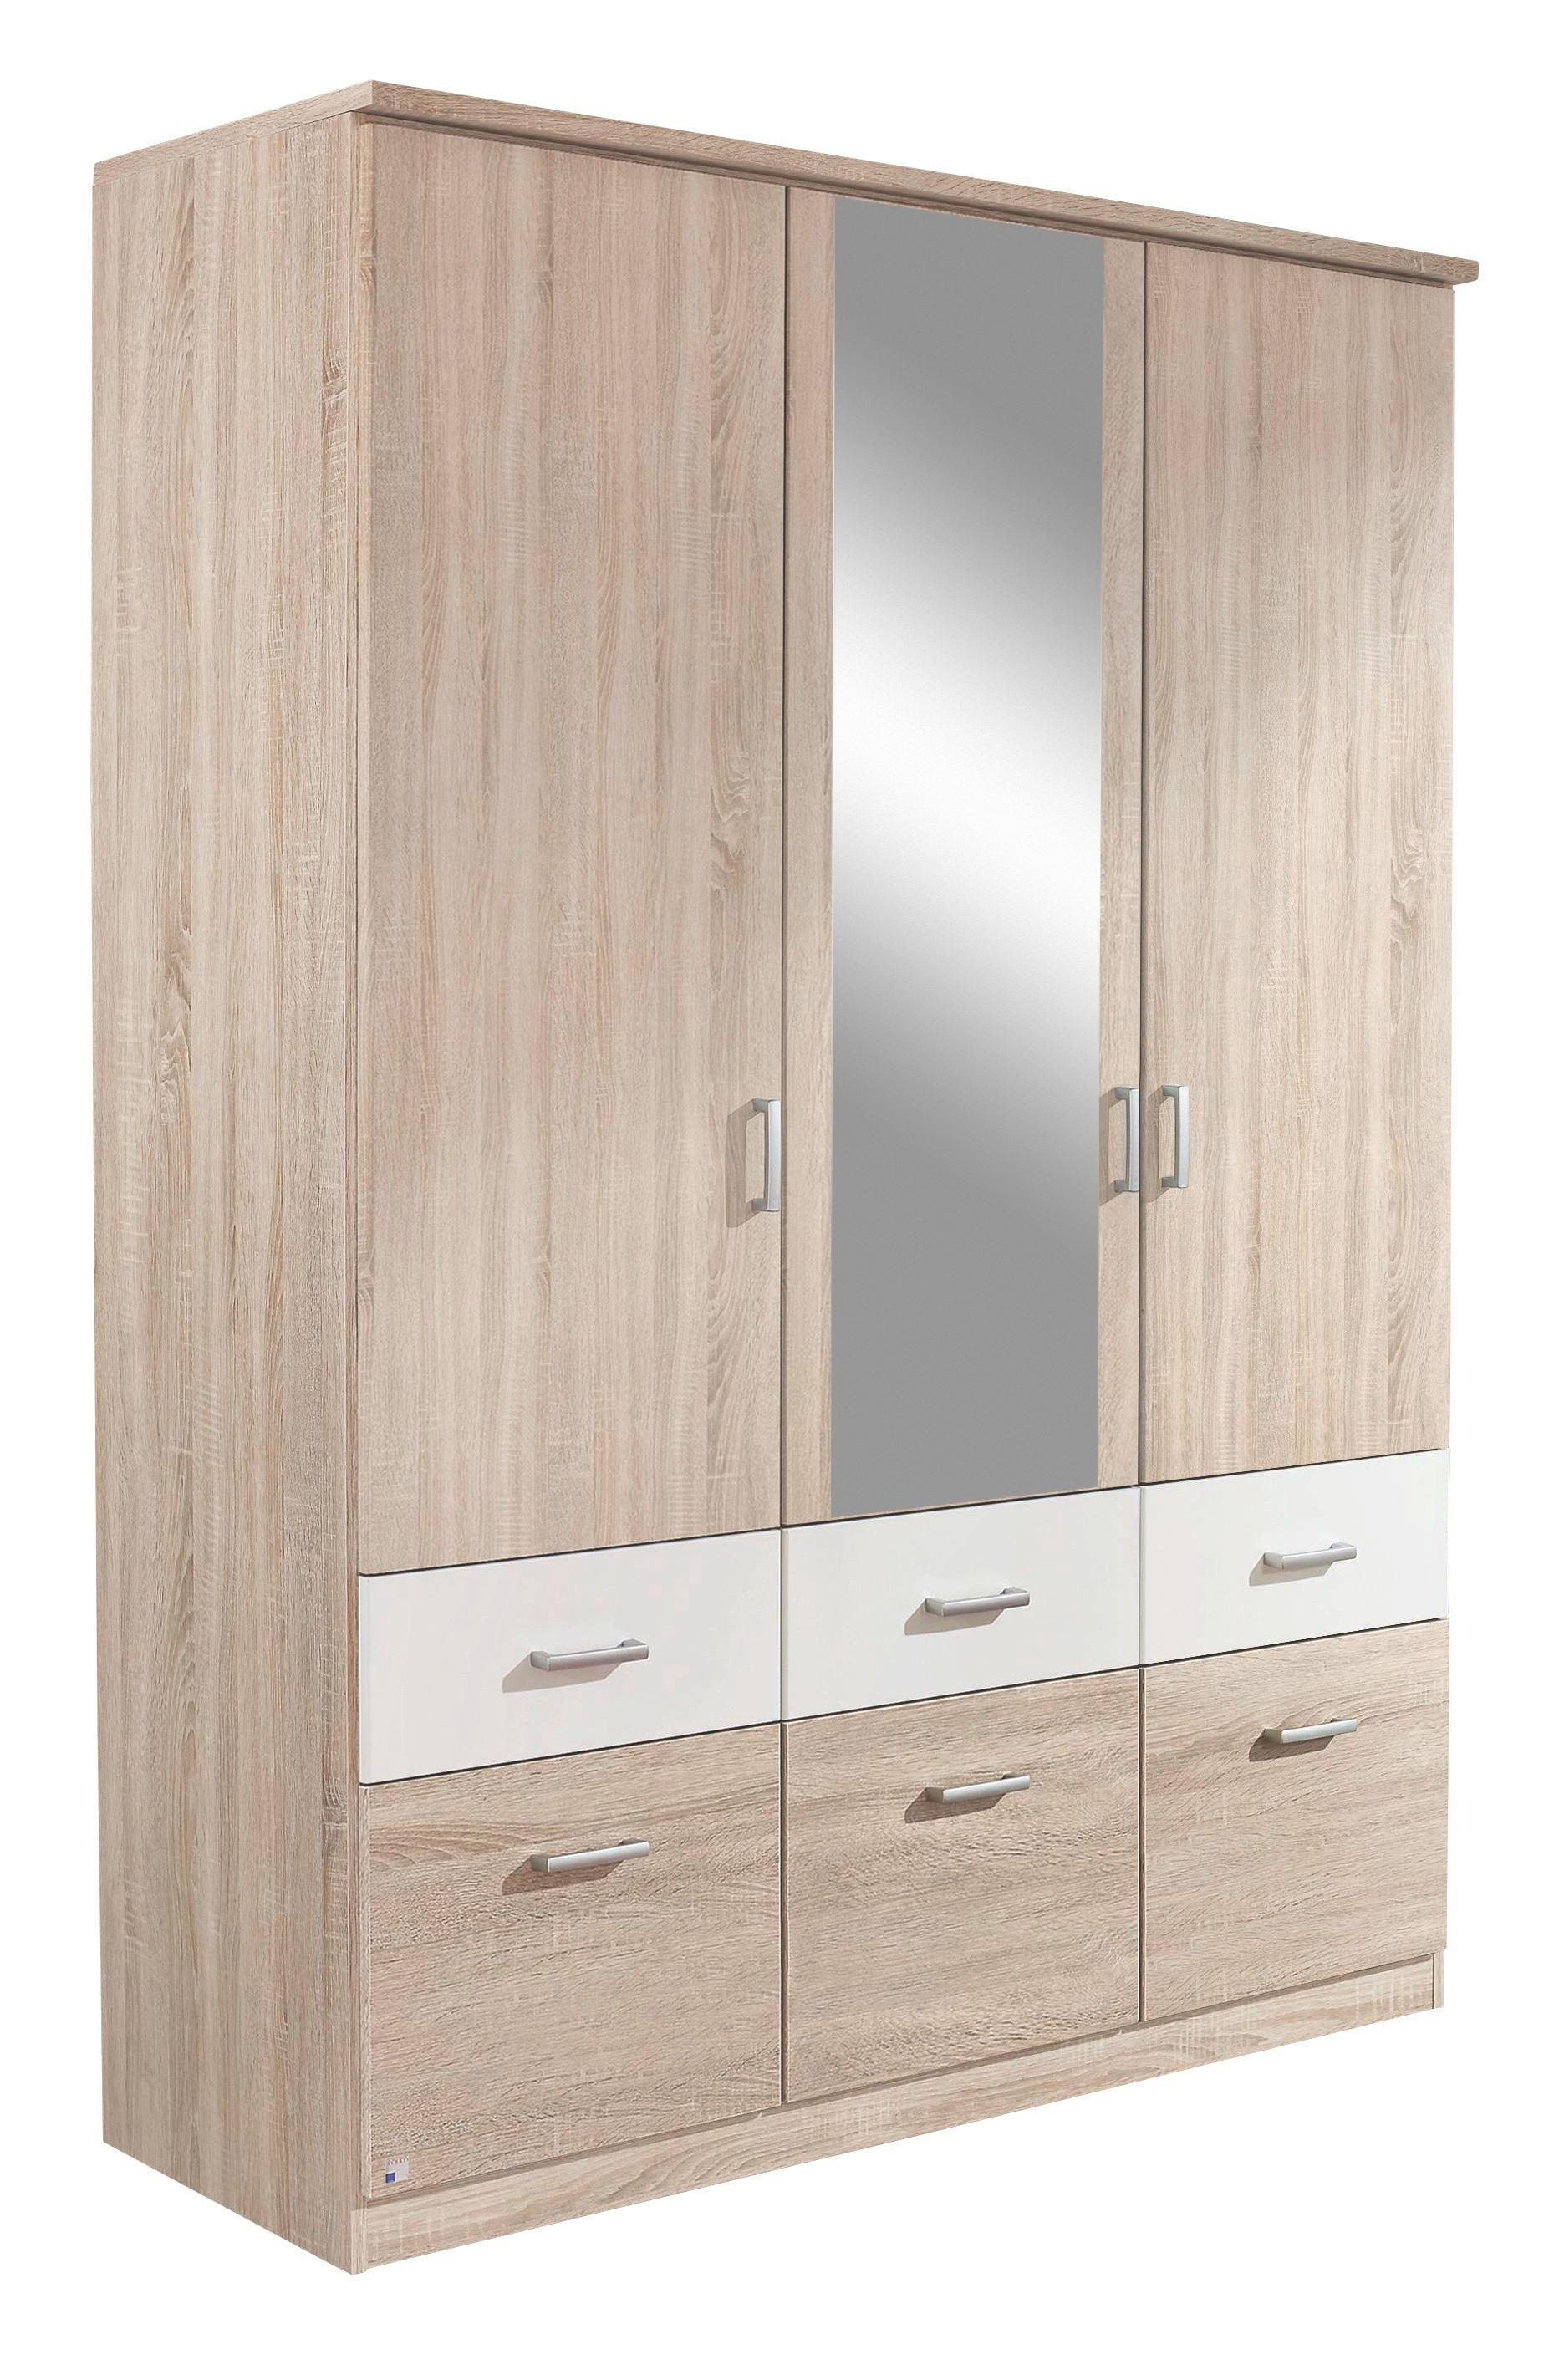 OMARA ZA OBLAČILA - bela/hrast sonoma, Basics, umetna masa/leseni material (136/199/56cm) - BOXXX